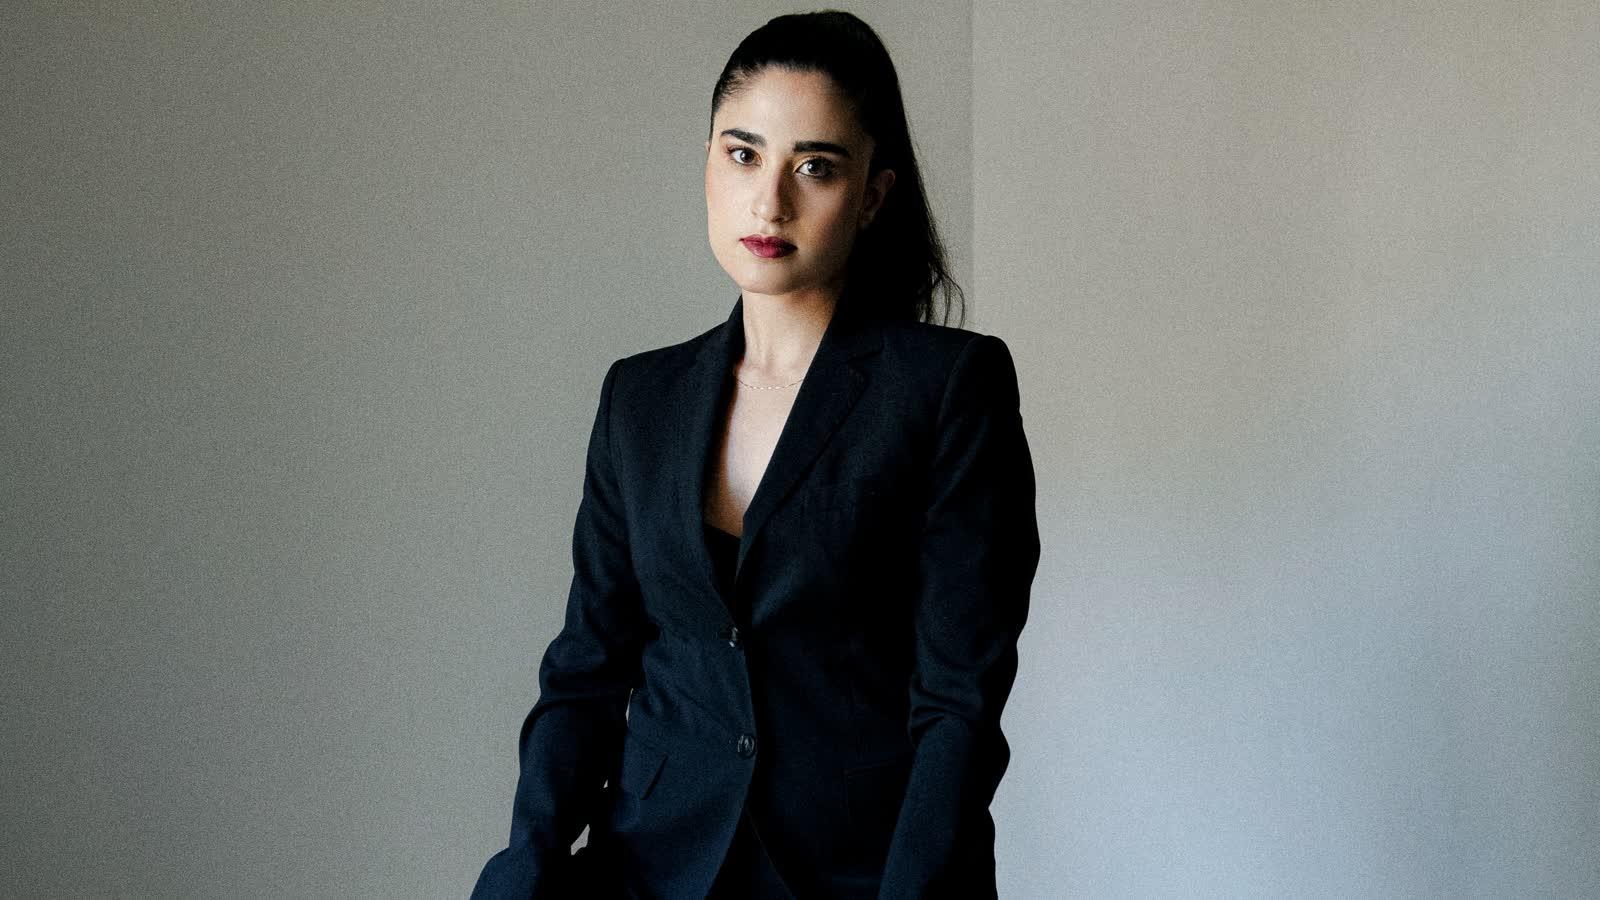 Galeristin Anahita Sadighi über Frauen in der Kunstbranche: Ich werde immer wieder gefragt, wo denn der Chef sei